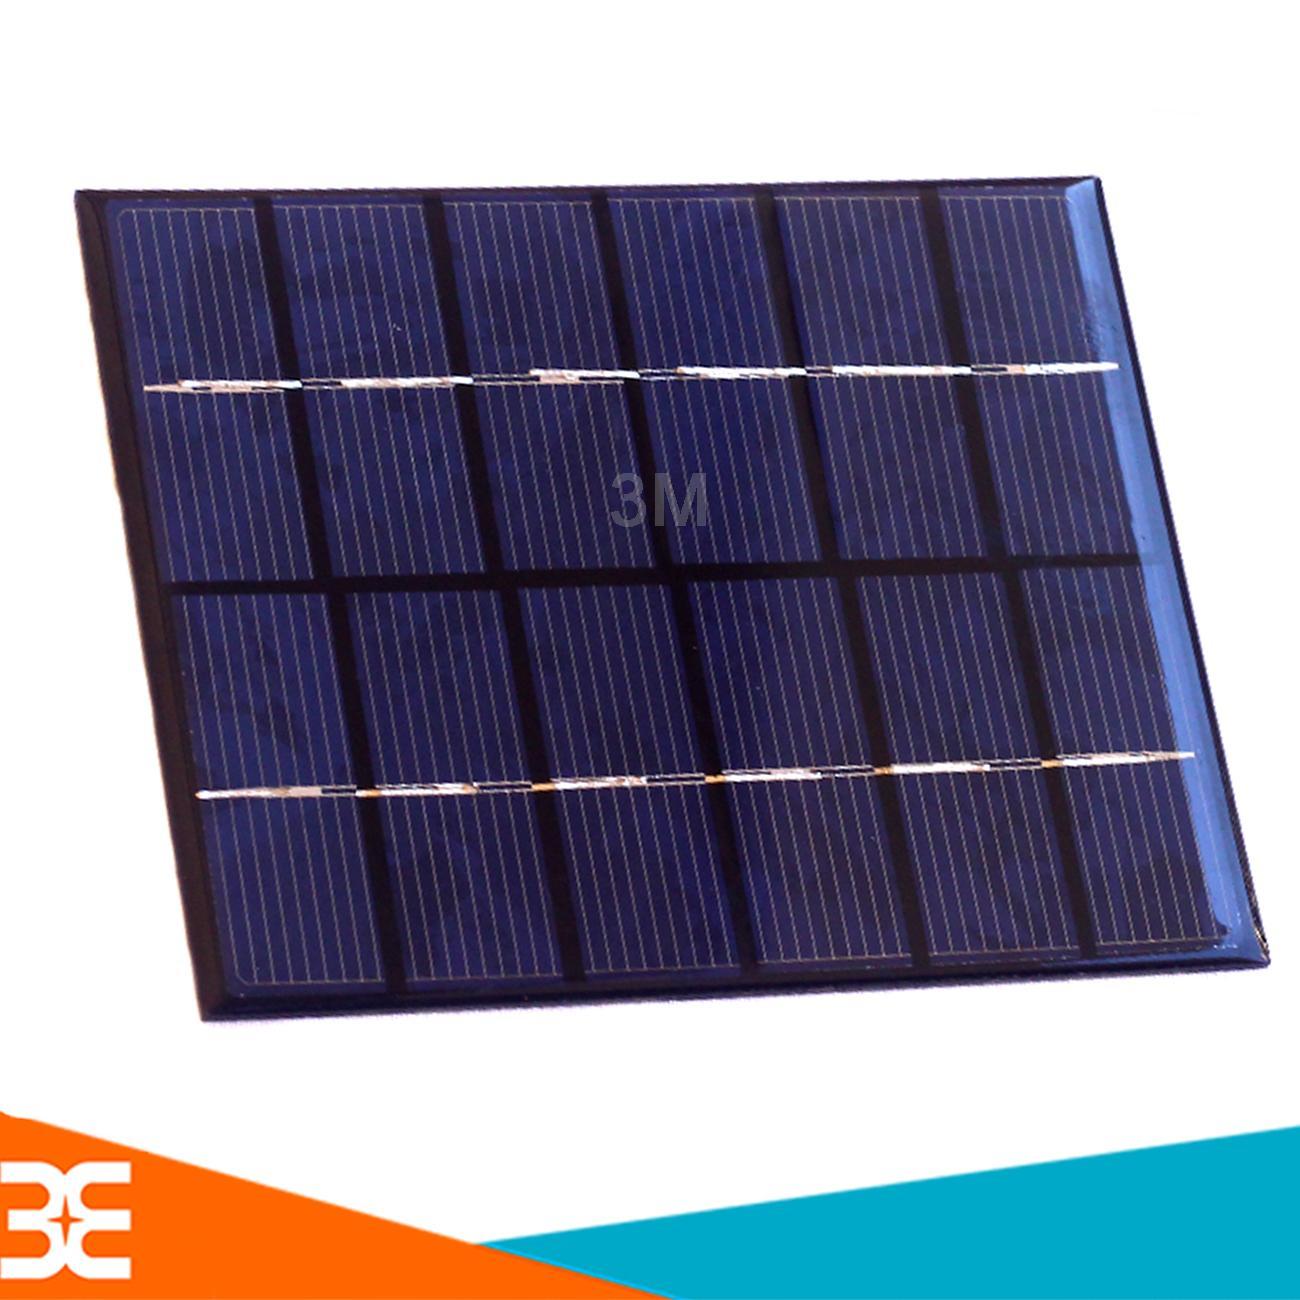 Tấm Pin Năng Lượng Mặt Trời 6V 2W 130x110mm